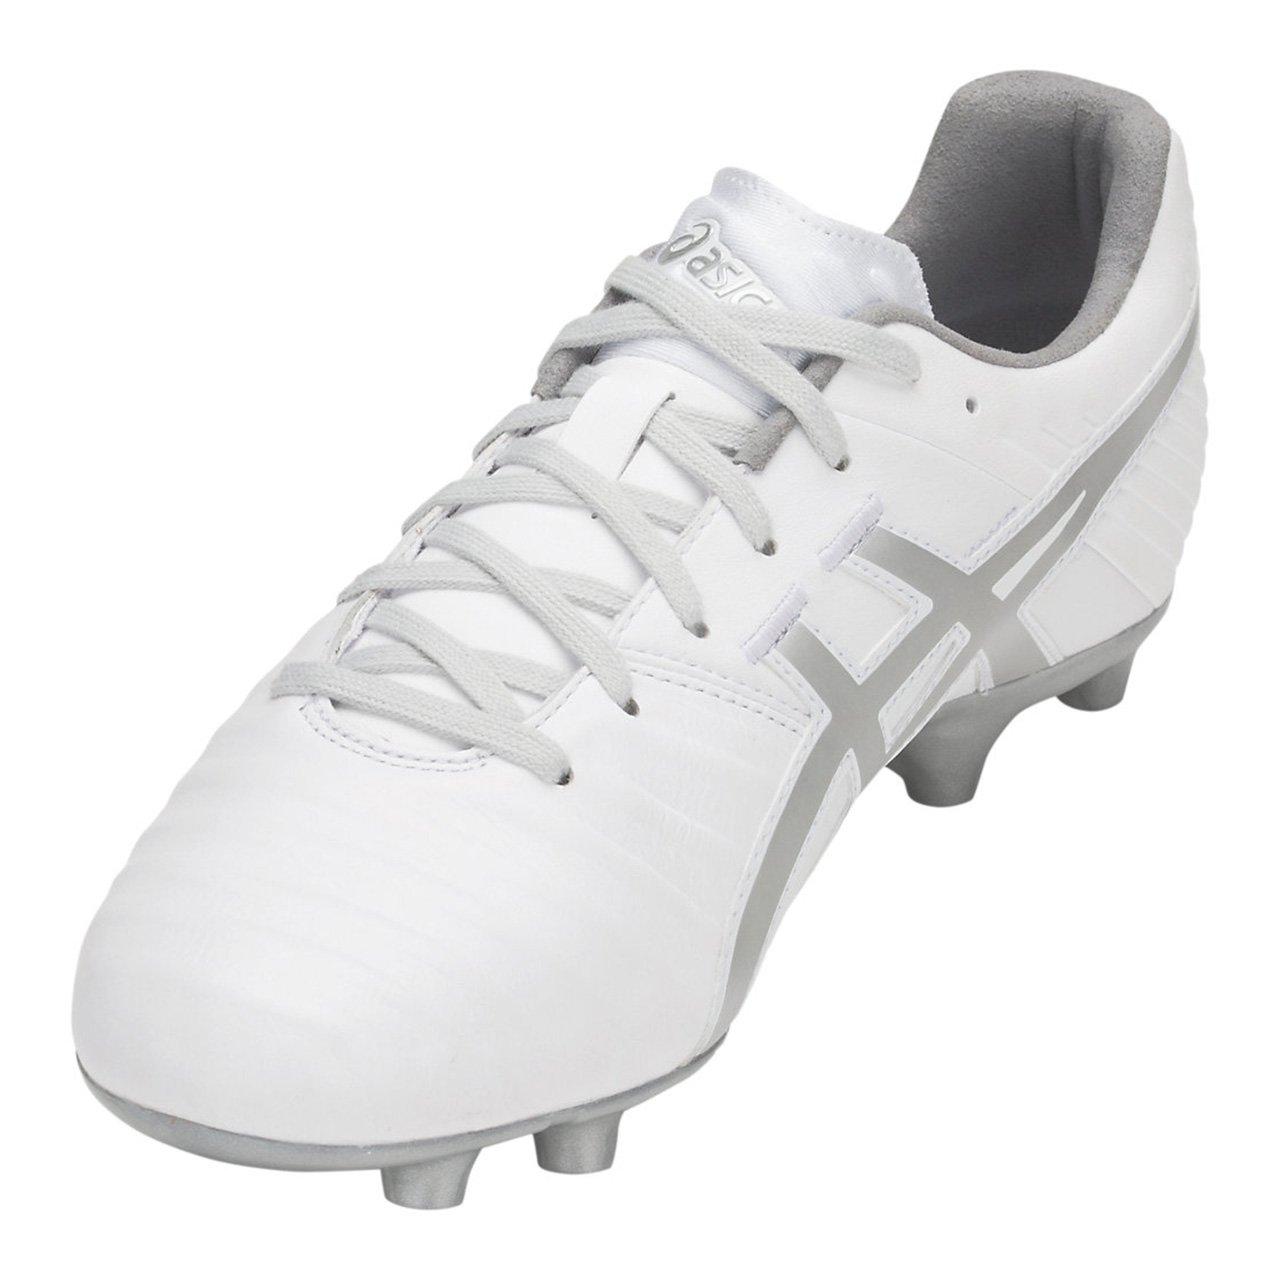 [アシックス] メンズ サッカー スパイク ディーエスライト3 ワイド DS LIGHT 3-wide ホワイト×シルバー TSI751 100 B07DPS3DNC 24.5 cm ホワイト/シルバー